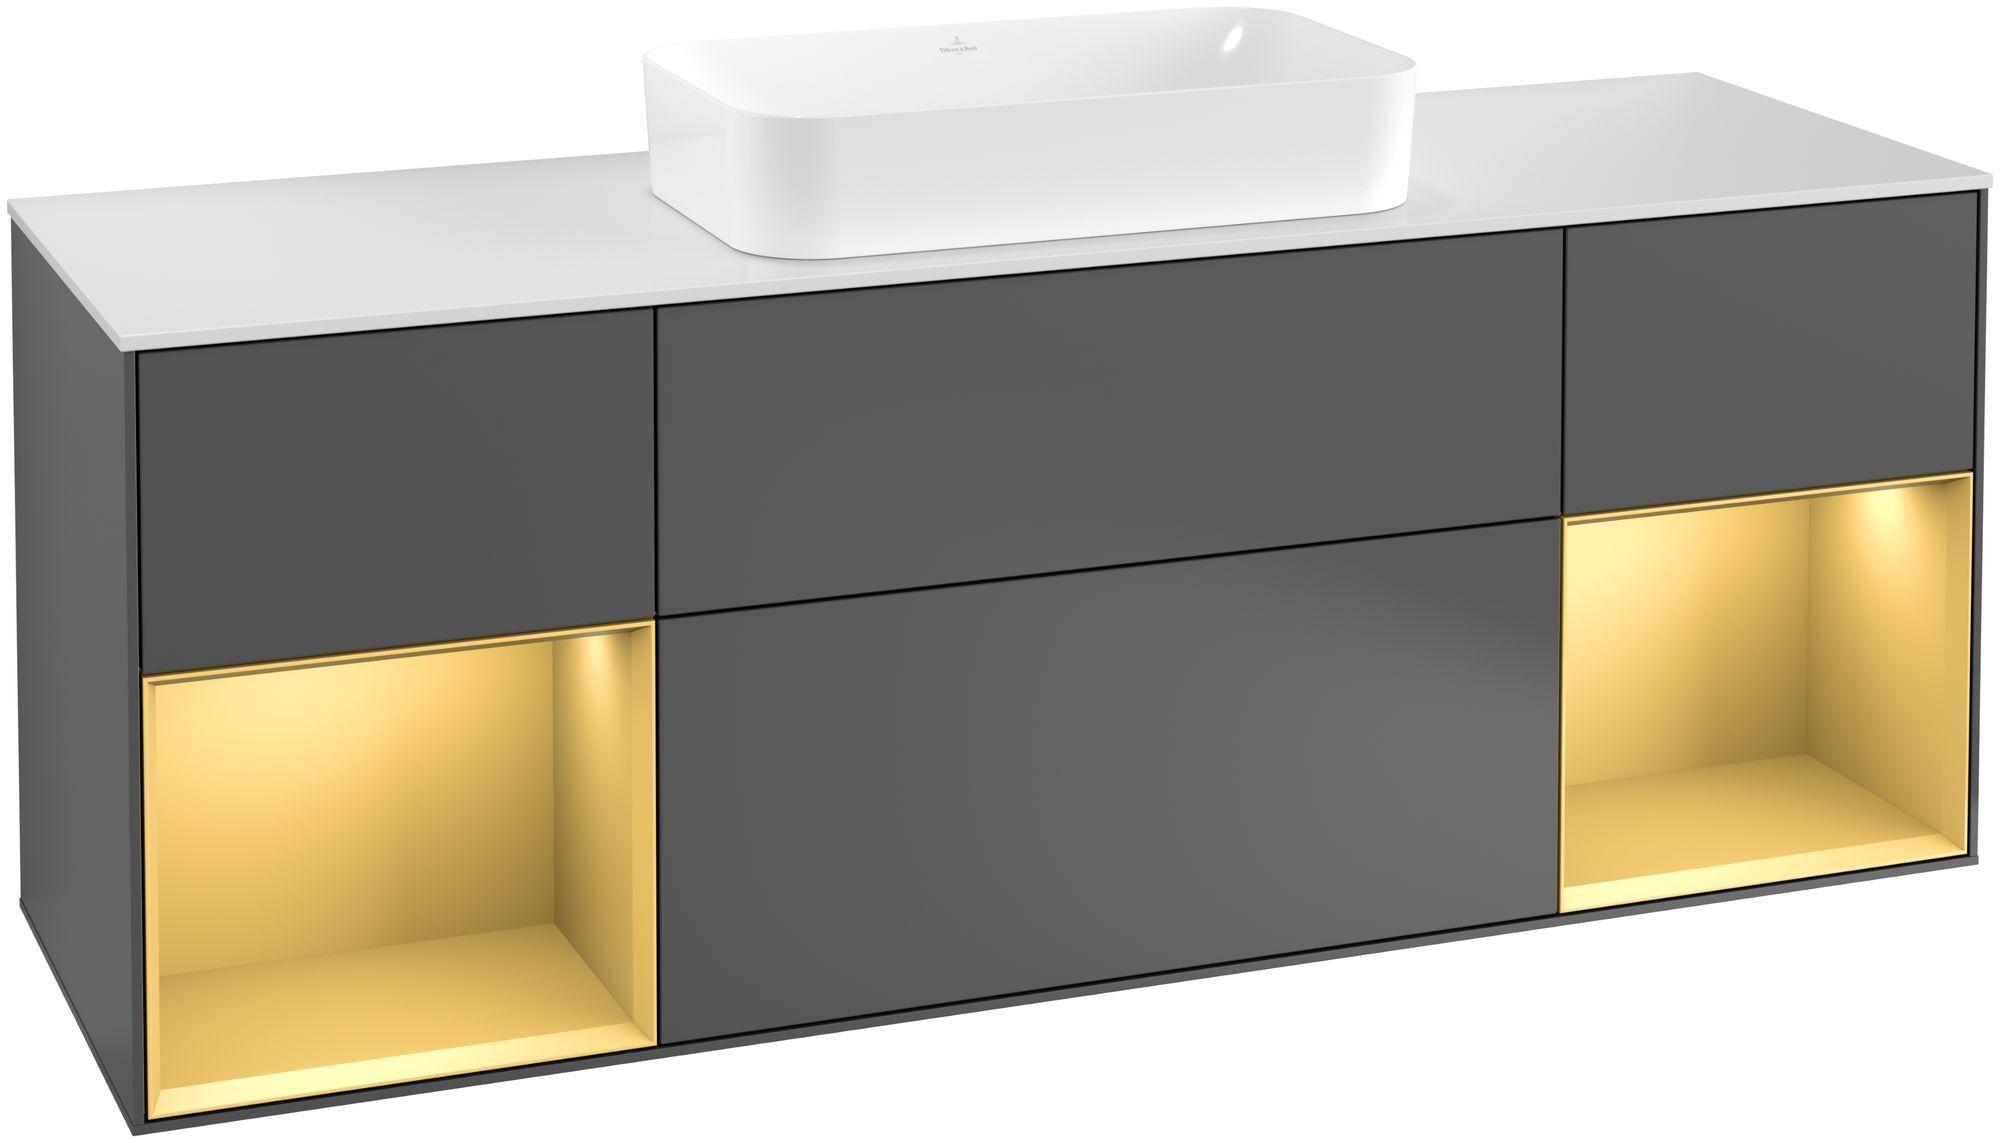 Villeroy & Boch Finion F33 Waschtischunterschrank mit Regalelement 4 Auszüge Waschtisch mittig LED-Beleuchtung B:160xH:60,3xT:50,1cm Front, Korpus: Anthracite Matt, Regal: Gold Matt, Glasplatte: White Matt F331HFGK